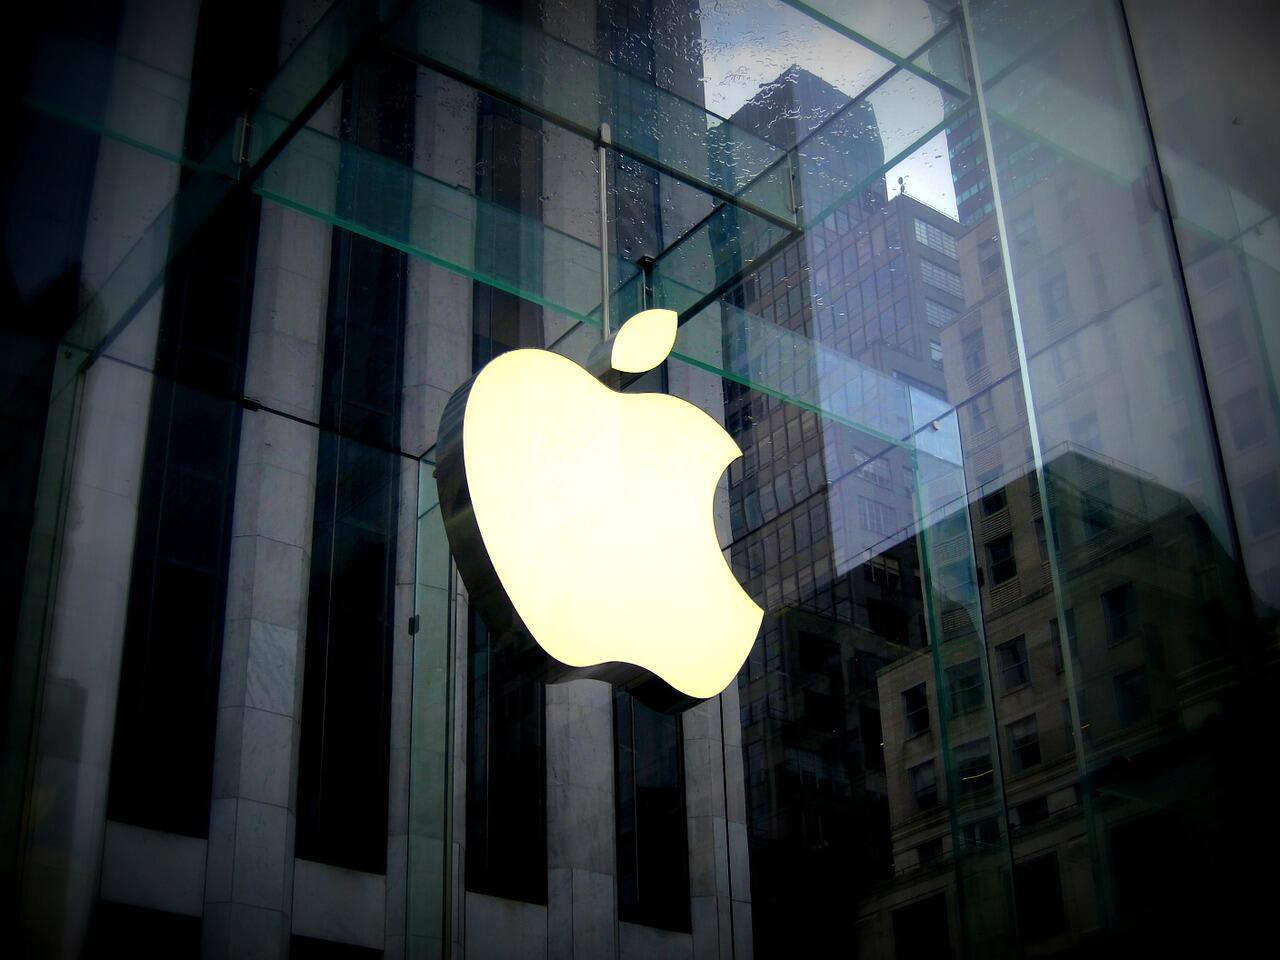 Malaysia Ikut Andil Dalam Pembuatan Produk-Produk Apple Inc, INDONESIA Kapan?